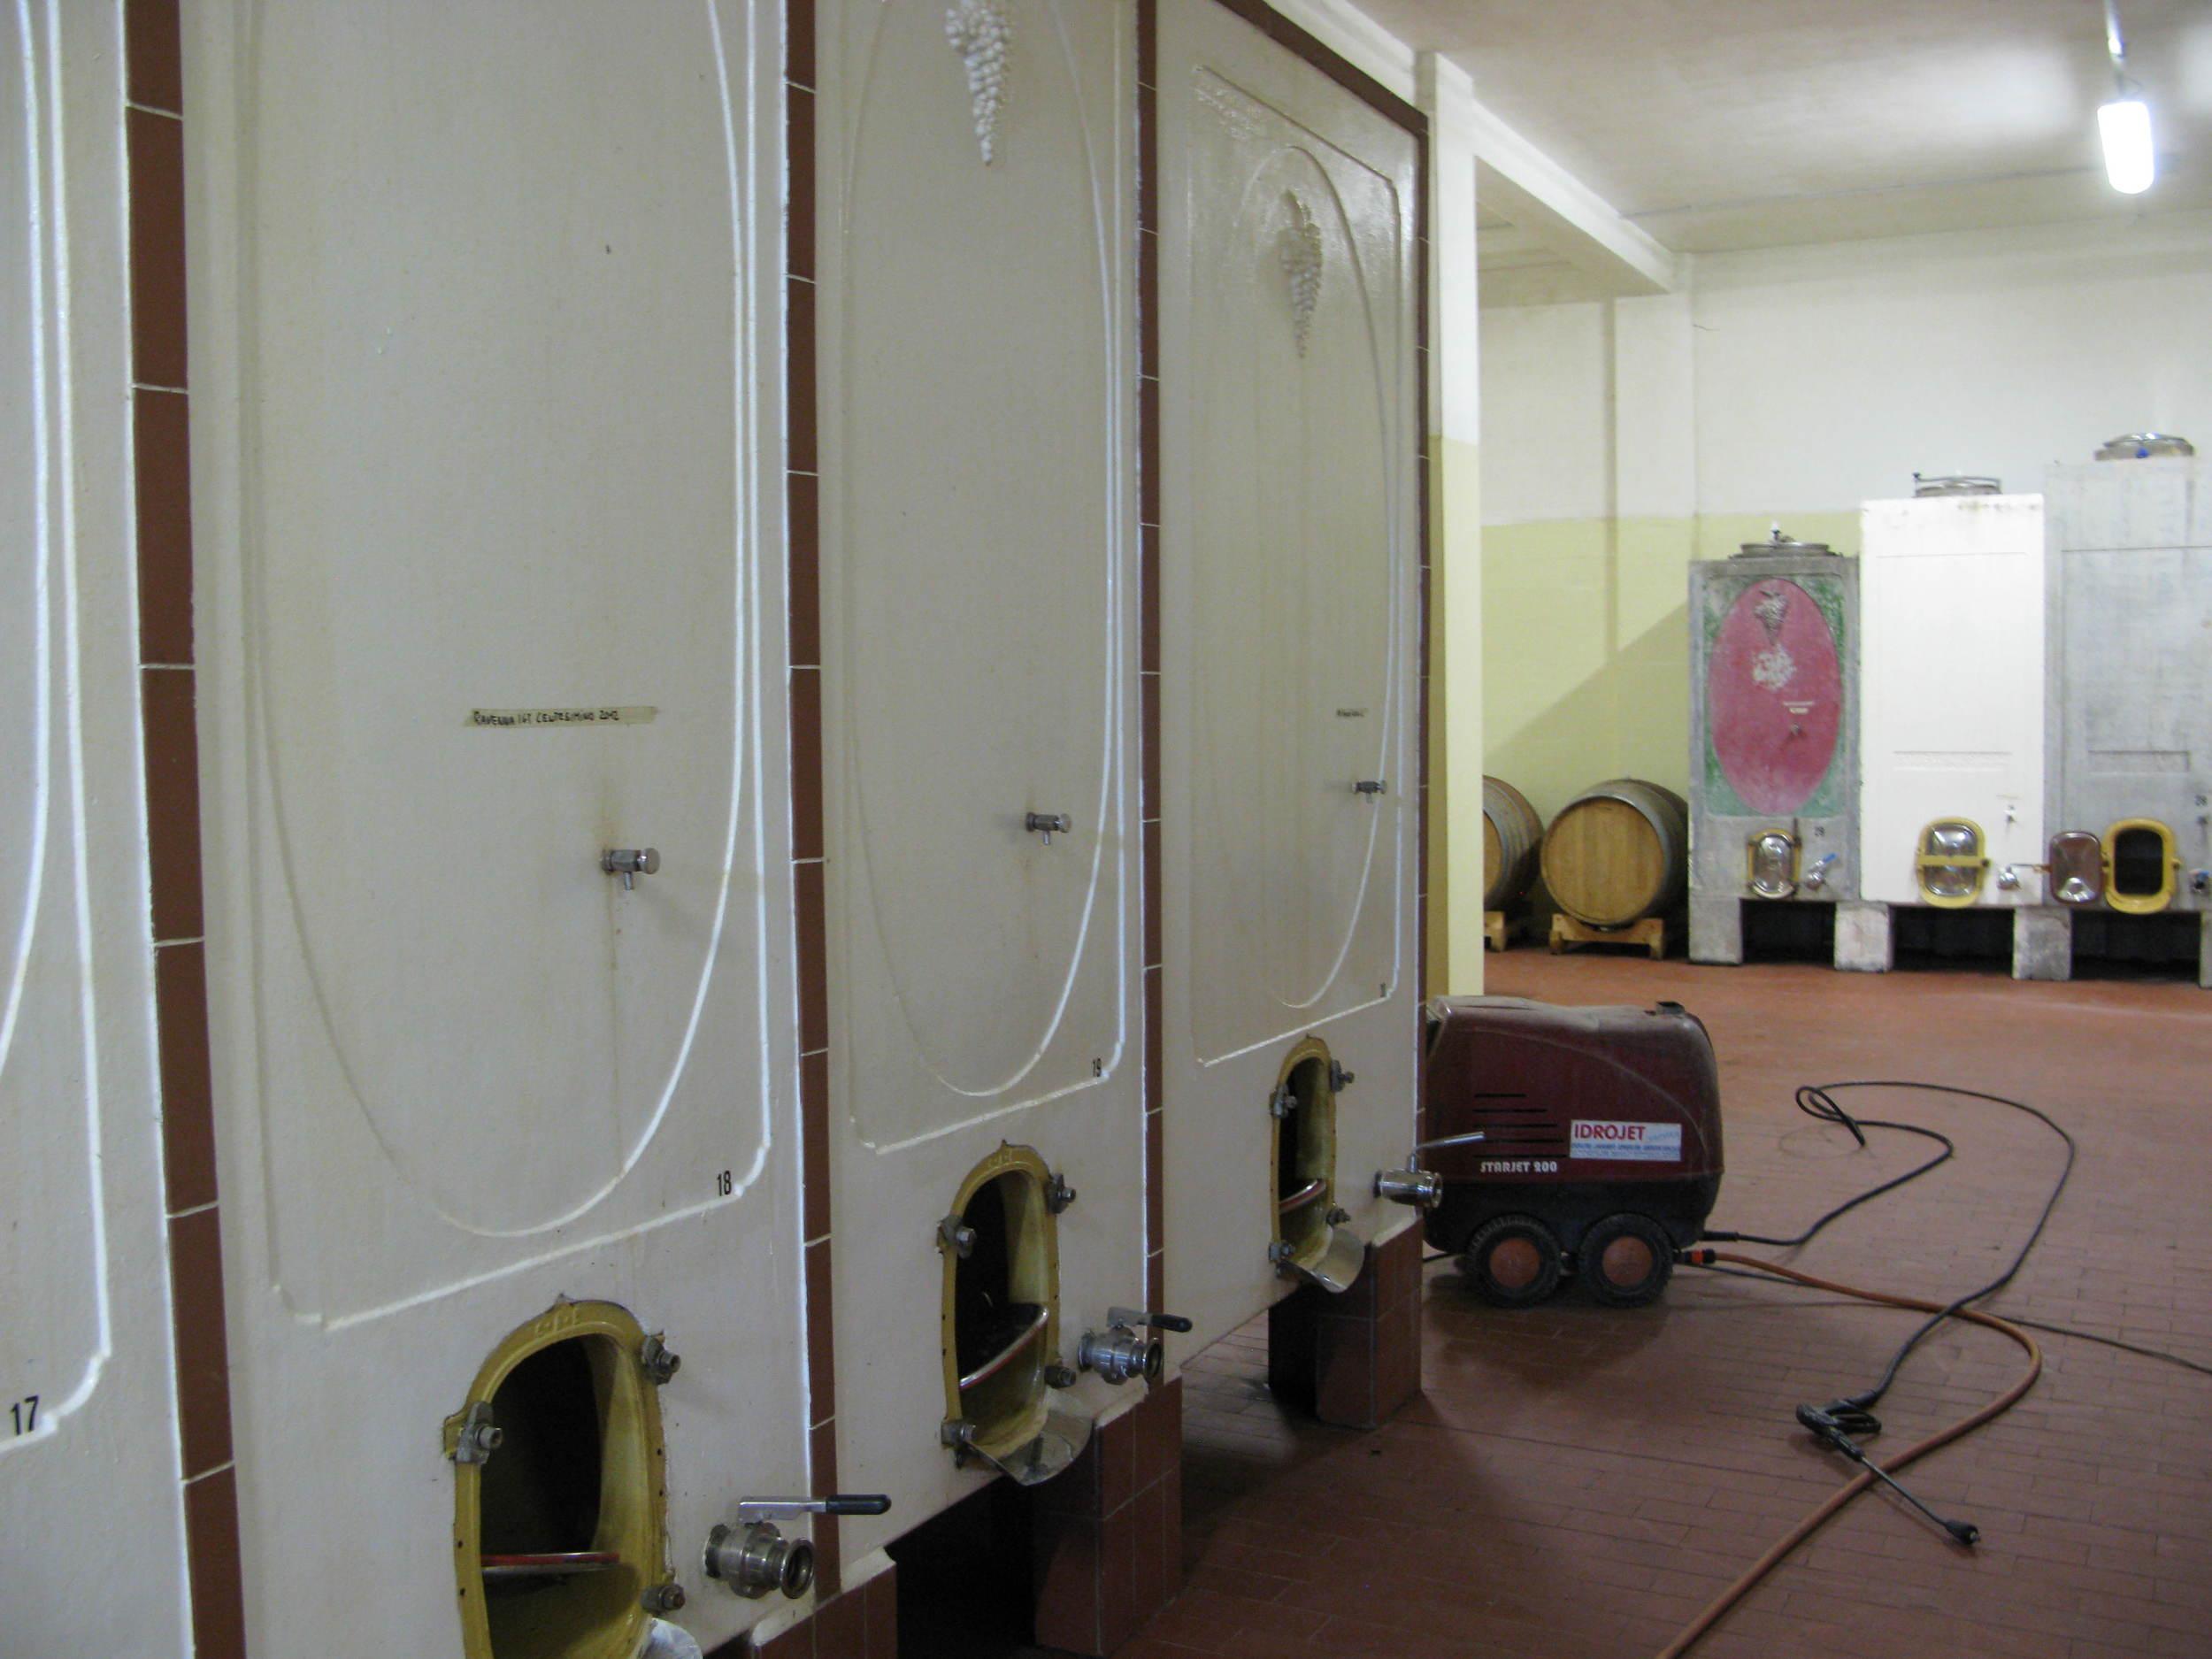 Cement tanks are popular in Emilia-Romagna